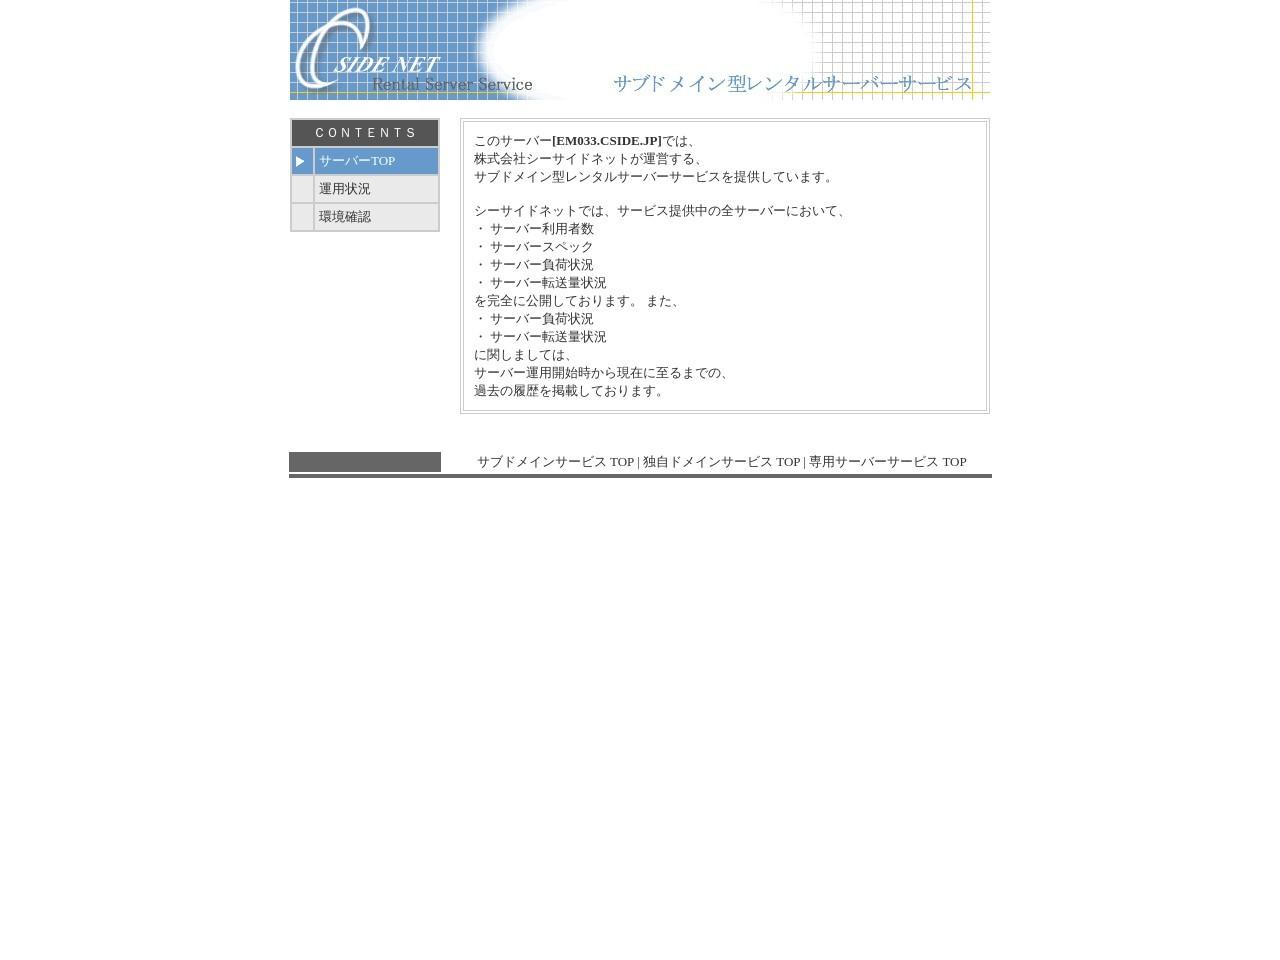 サブドメインサーバー[SE05.CSIDE.JP]<株式会社シーサイドネット>